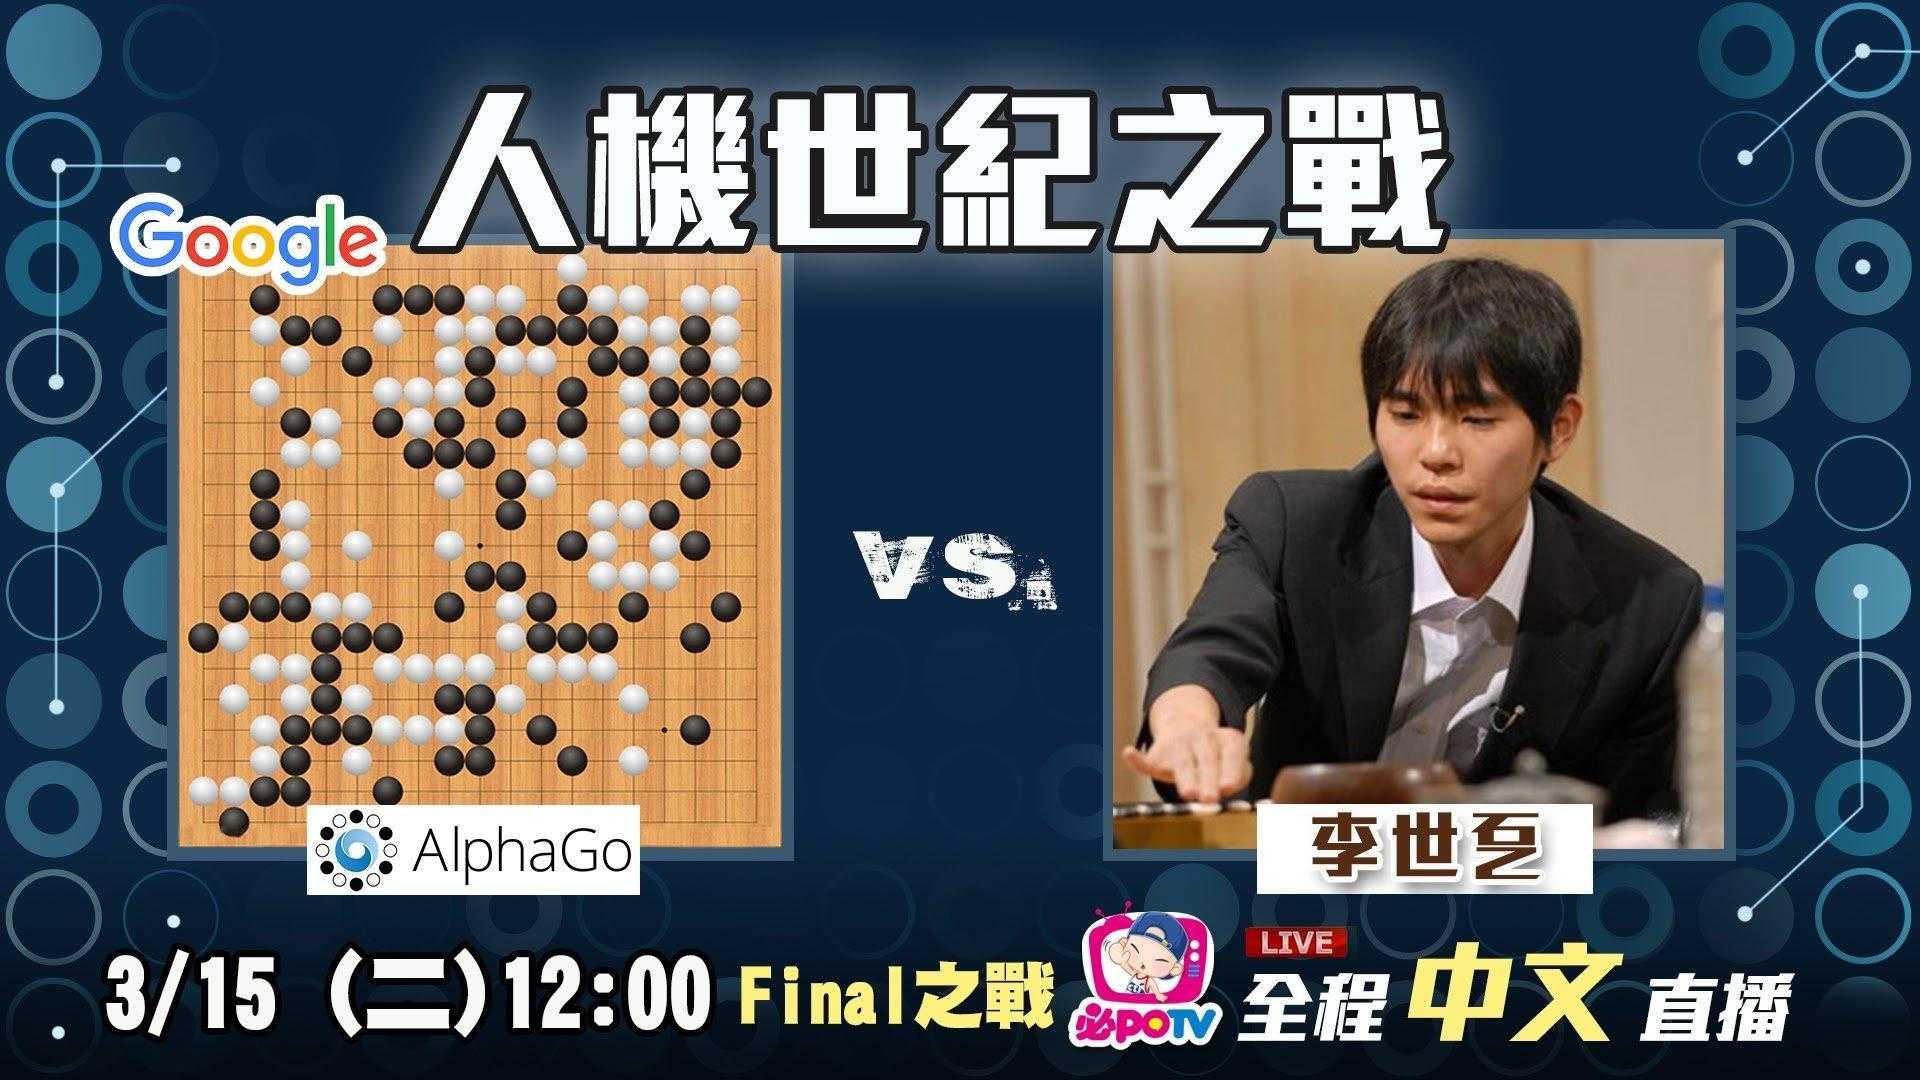 La morale di AlphaGo e Lee Sedol: l'intelligenza artificiale sostituirà davvero il lavoro umano?